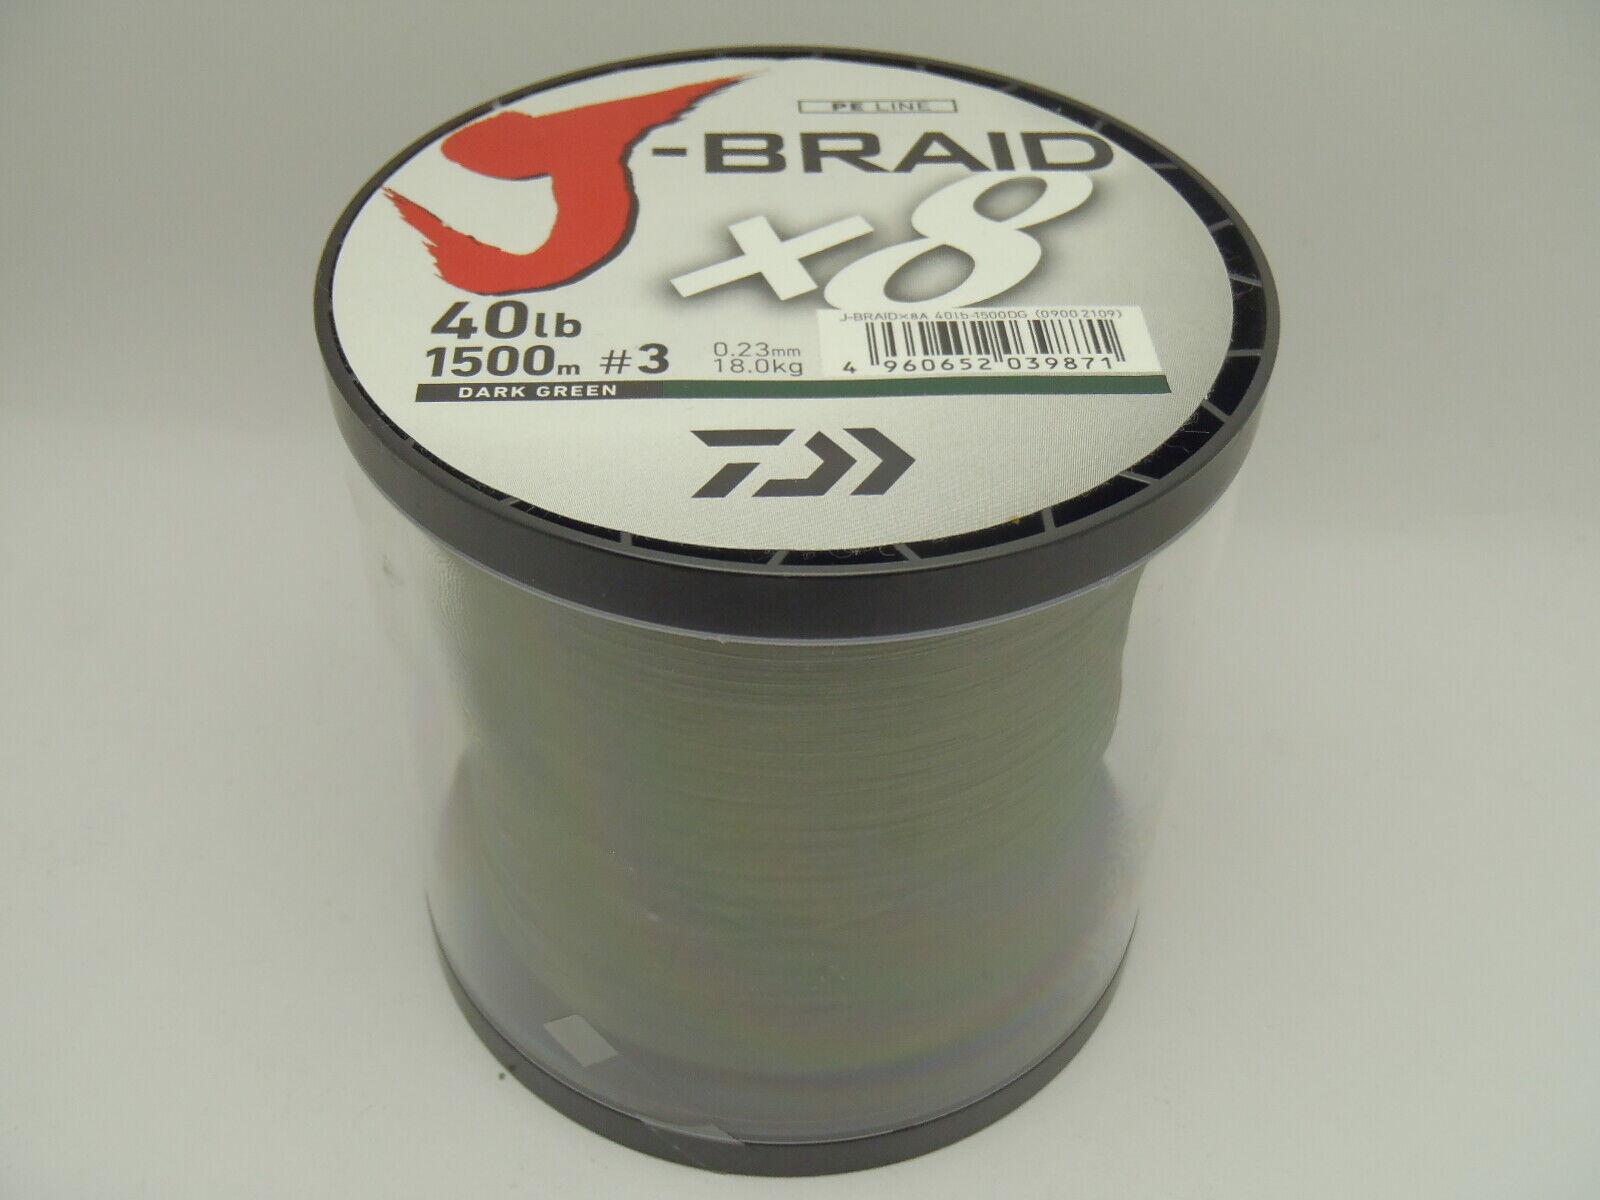 Daiwa JBraid 1500m 40lb 18.0kg 0.23mm  3 Braided PE x8 Fishing Line